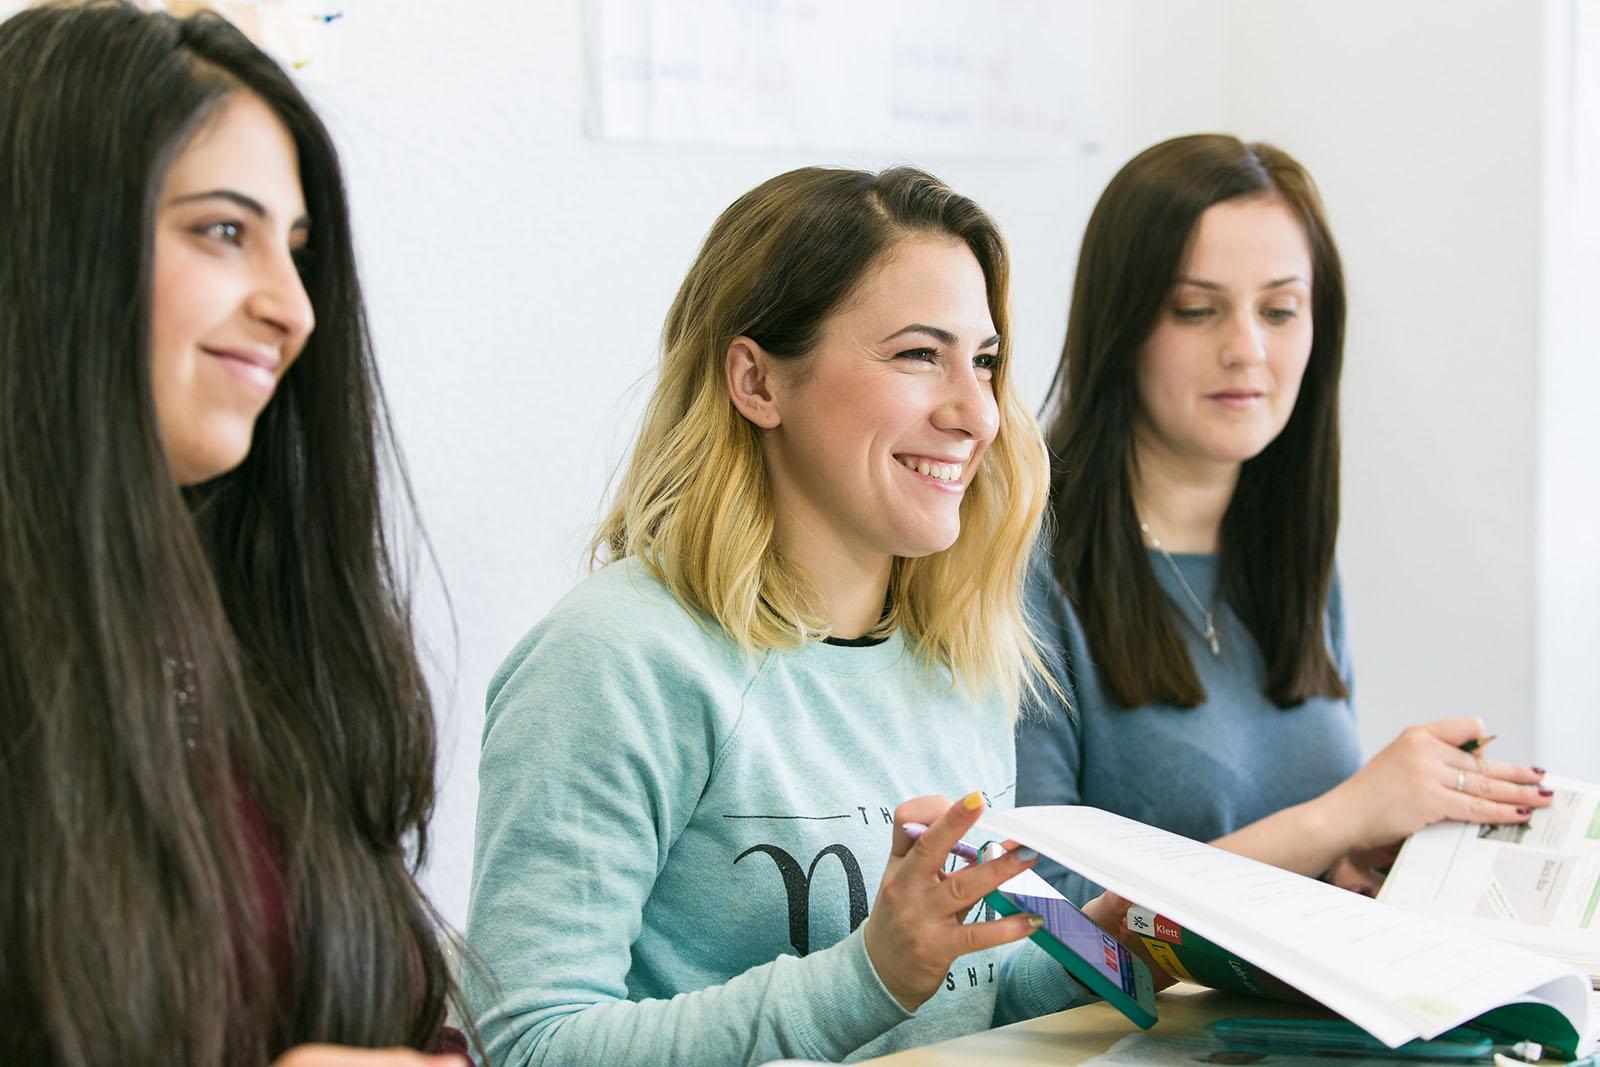 Grammatikkurs Berlin Deutsch Sprachschule